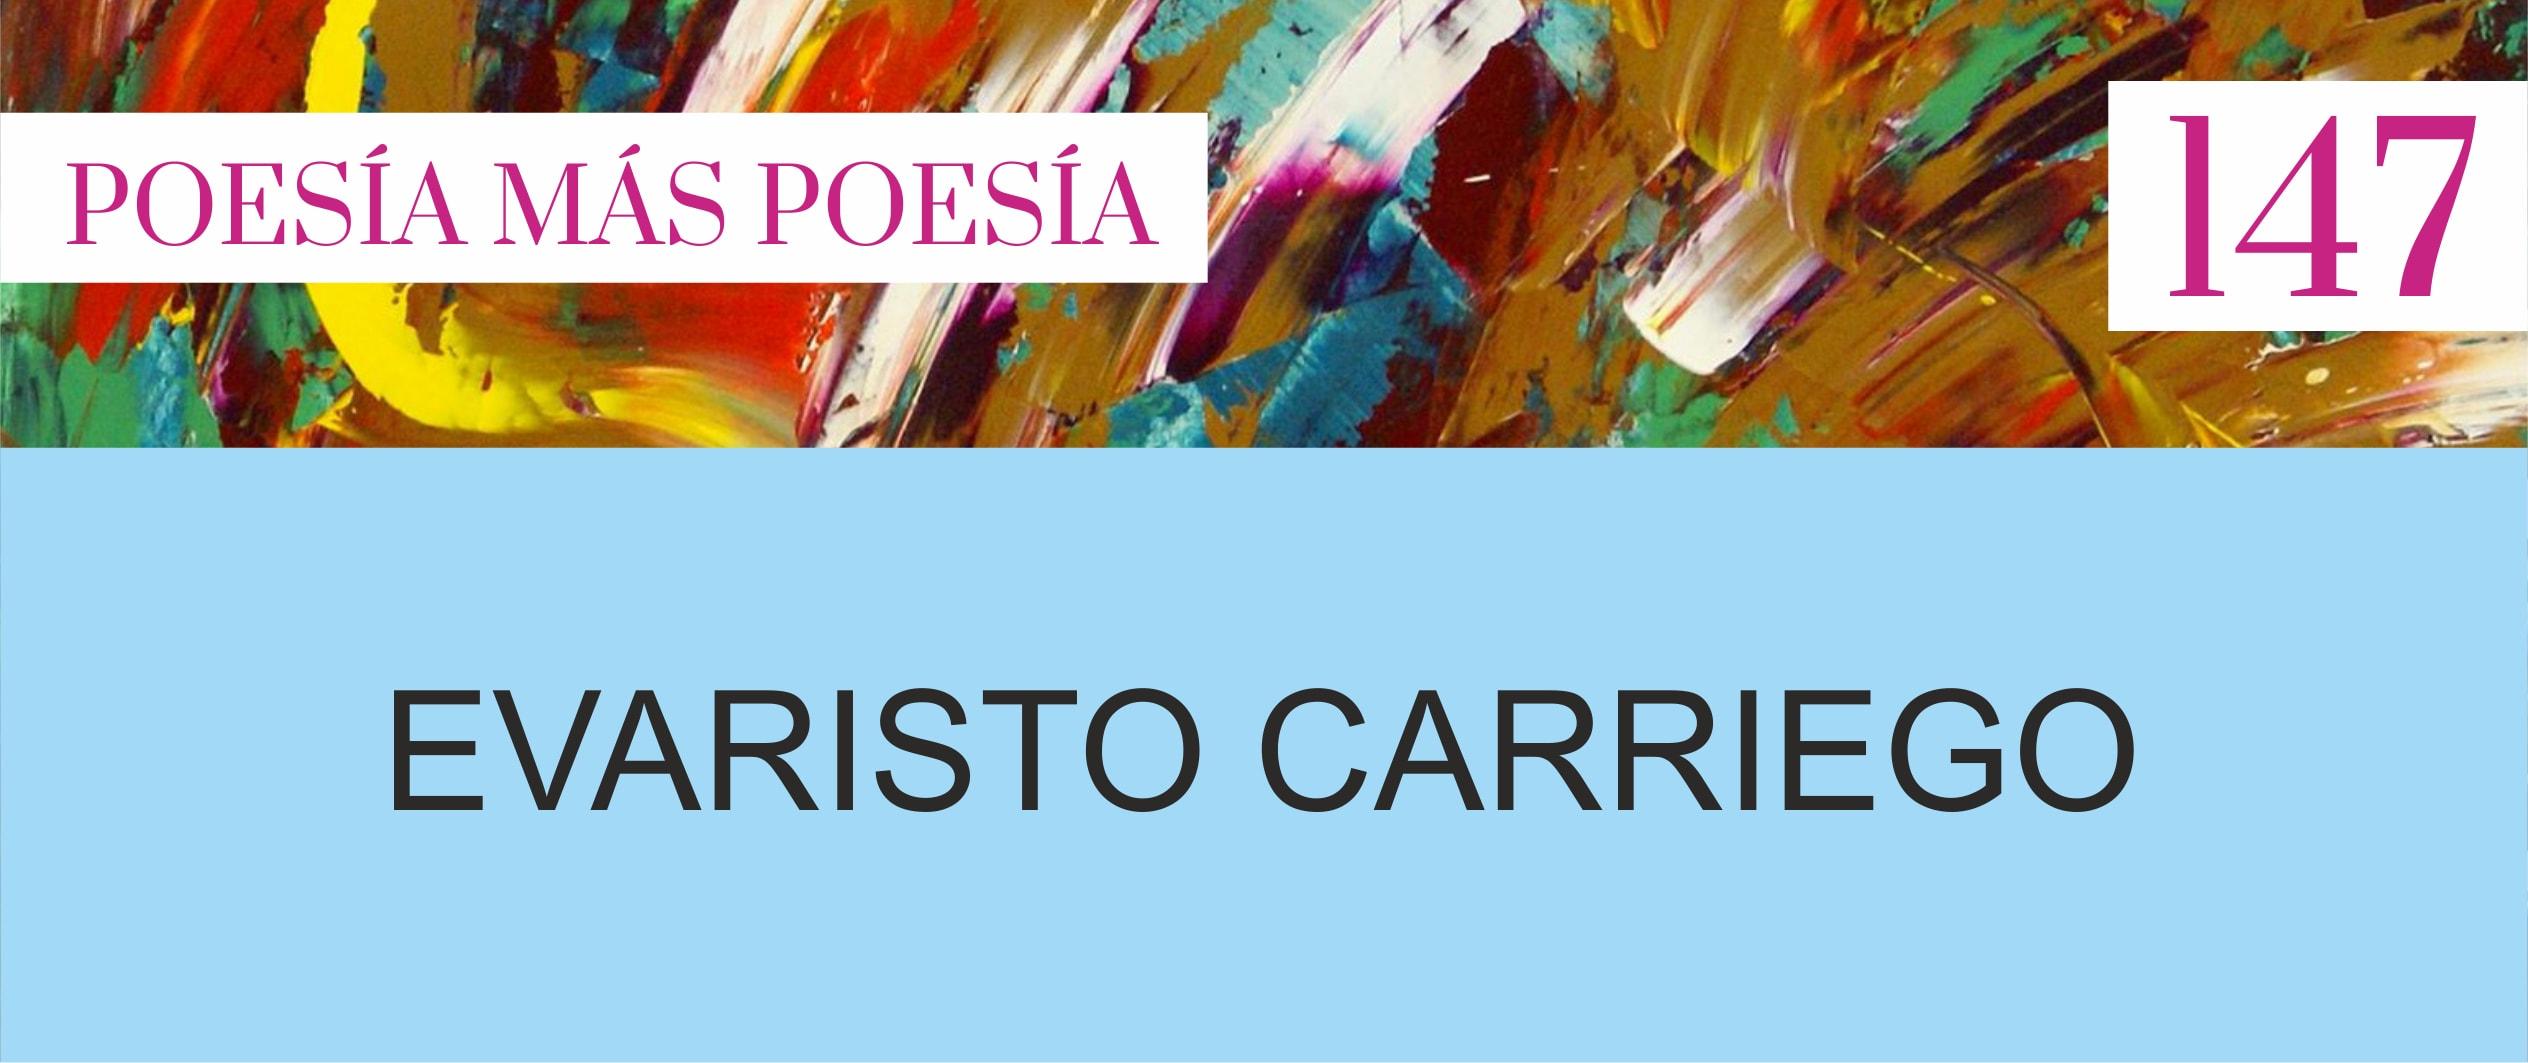 147. Poesía más Poesía: Evaristo Carriego